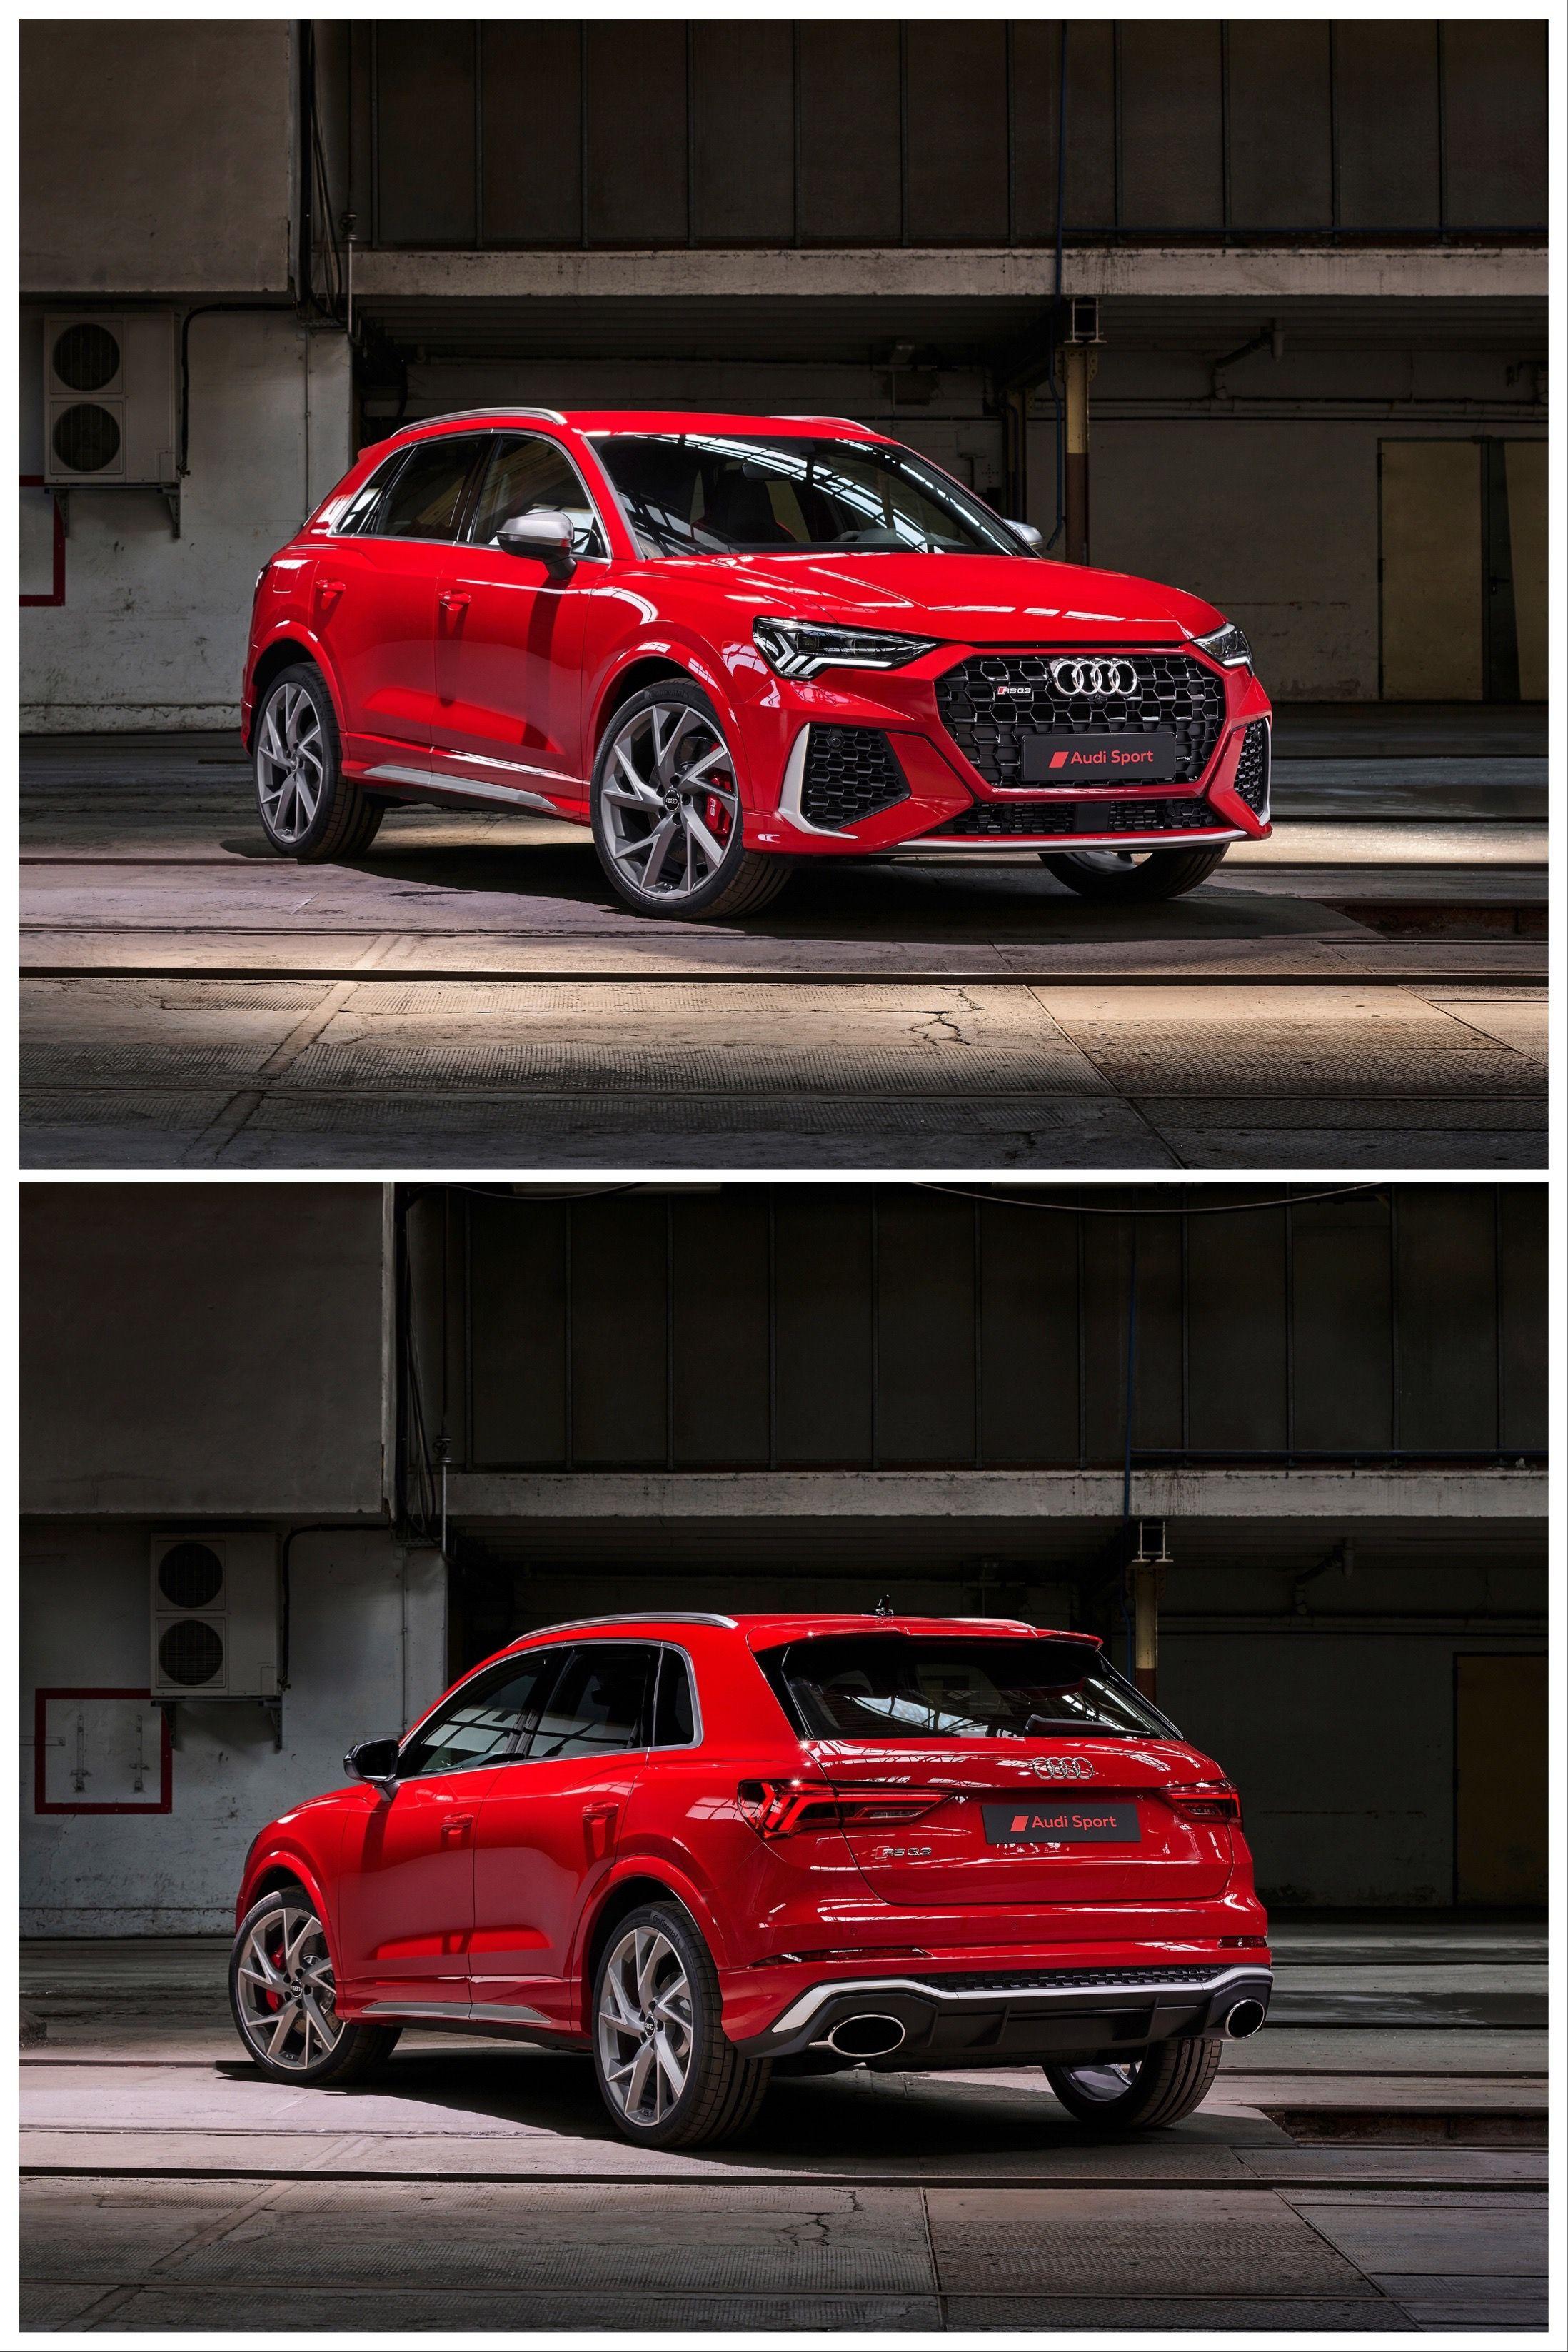 2020 Audi Rs Q3 Sportback It Sounds Great Except Audi Rs Audi Audi Suv